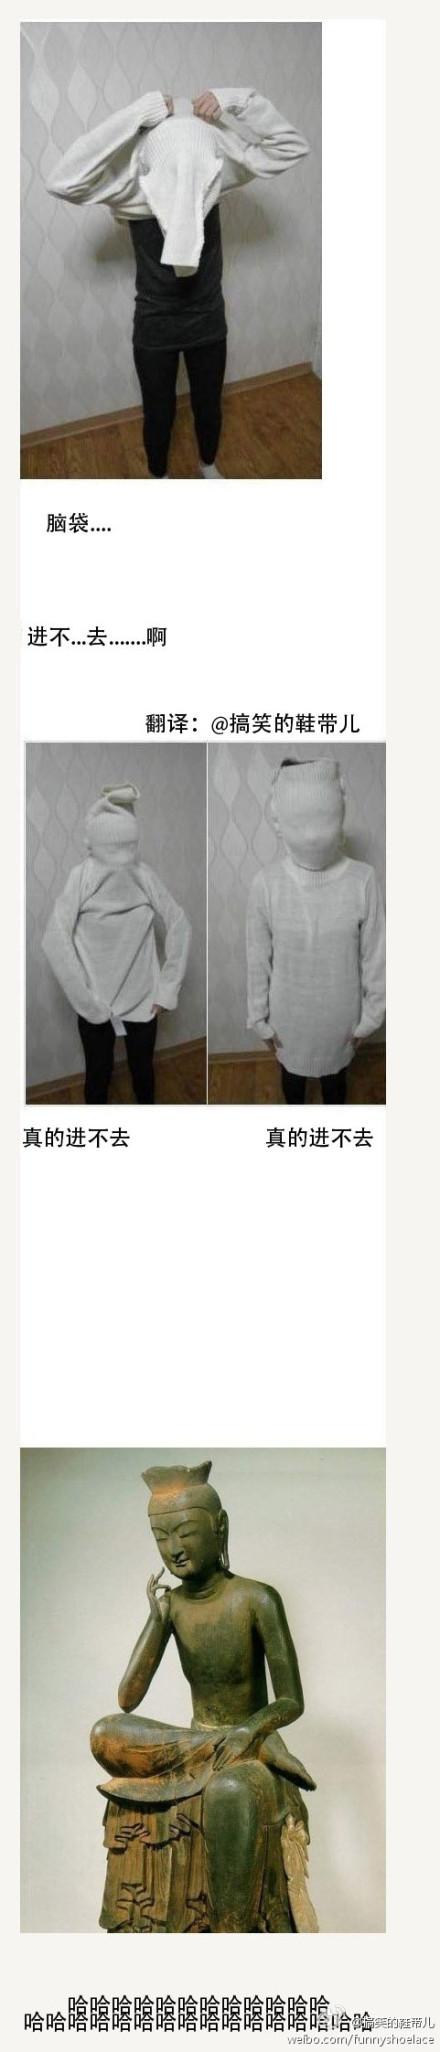 一名韩国网友在网上买了一件毛衣...然后发现.....脑袋....进不.....去........【搞笑的鞋带儿 翻译】